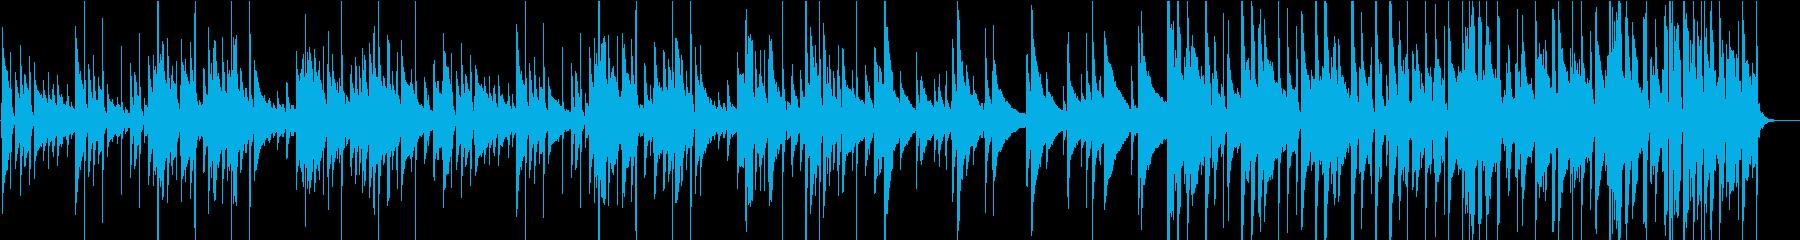 【生演奏】アコギによる少し切ない曲の再生済みの波形